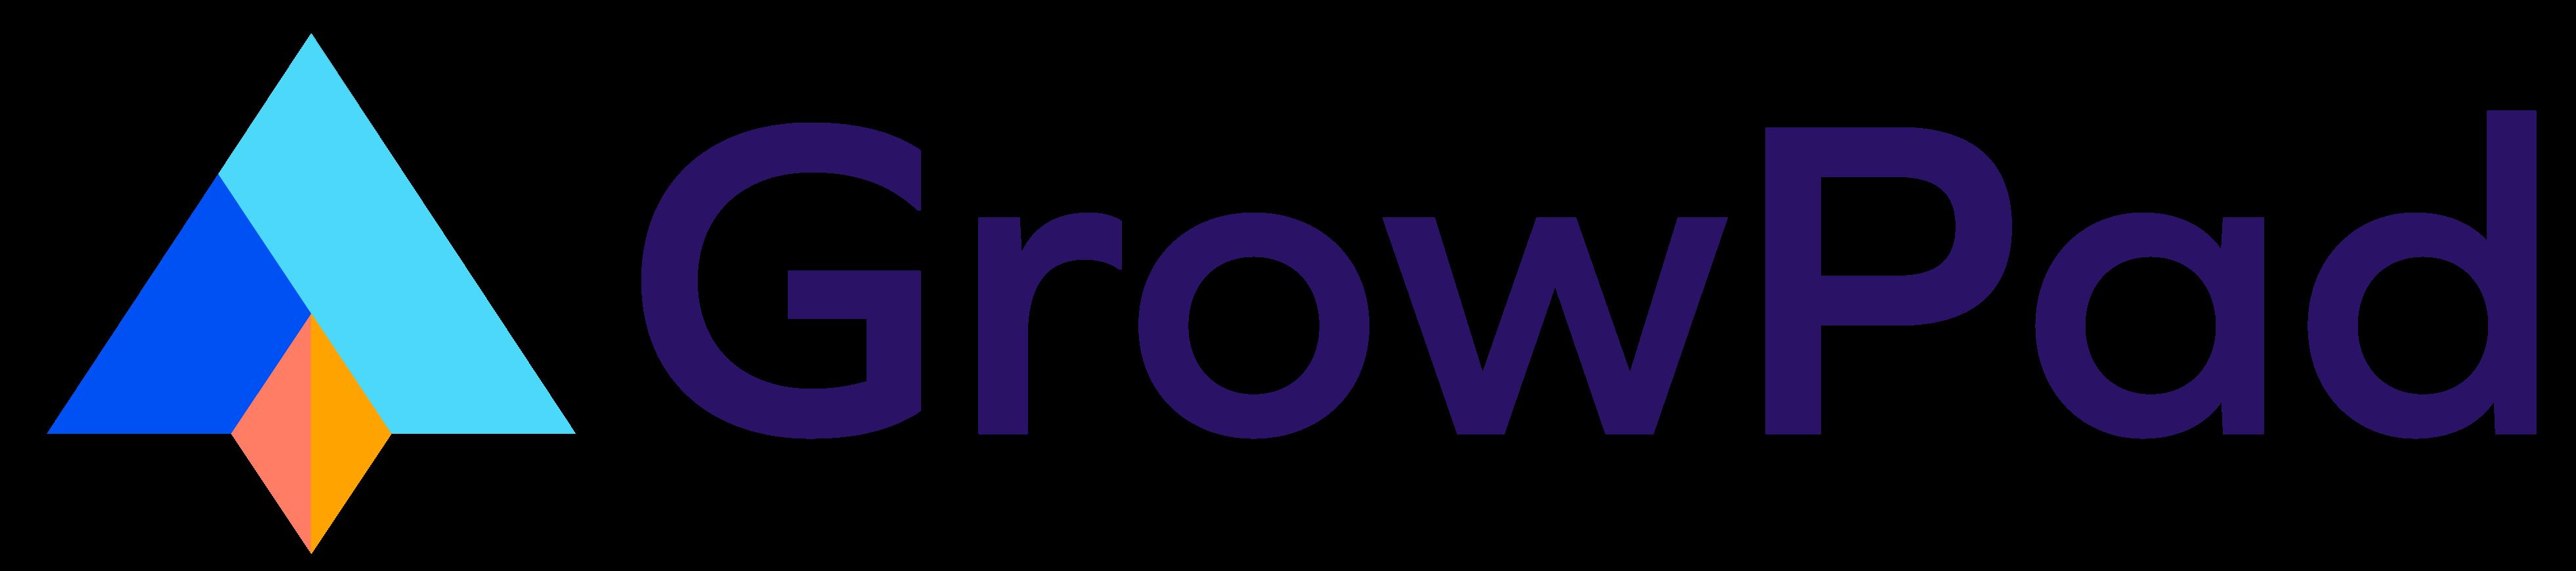 GrowPad